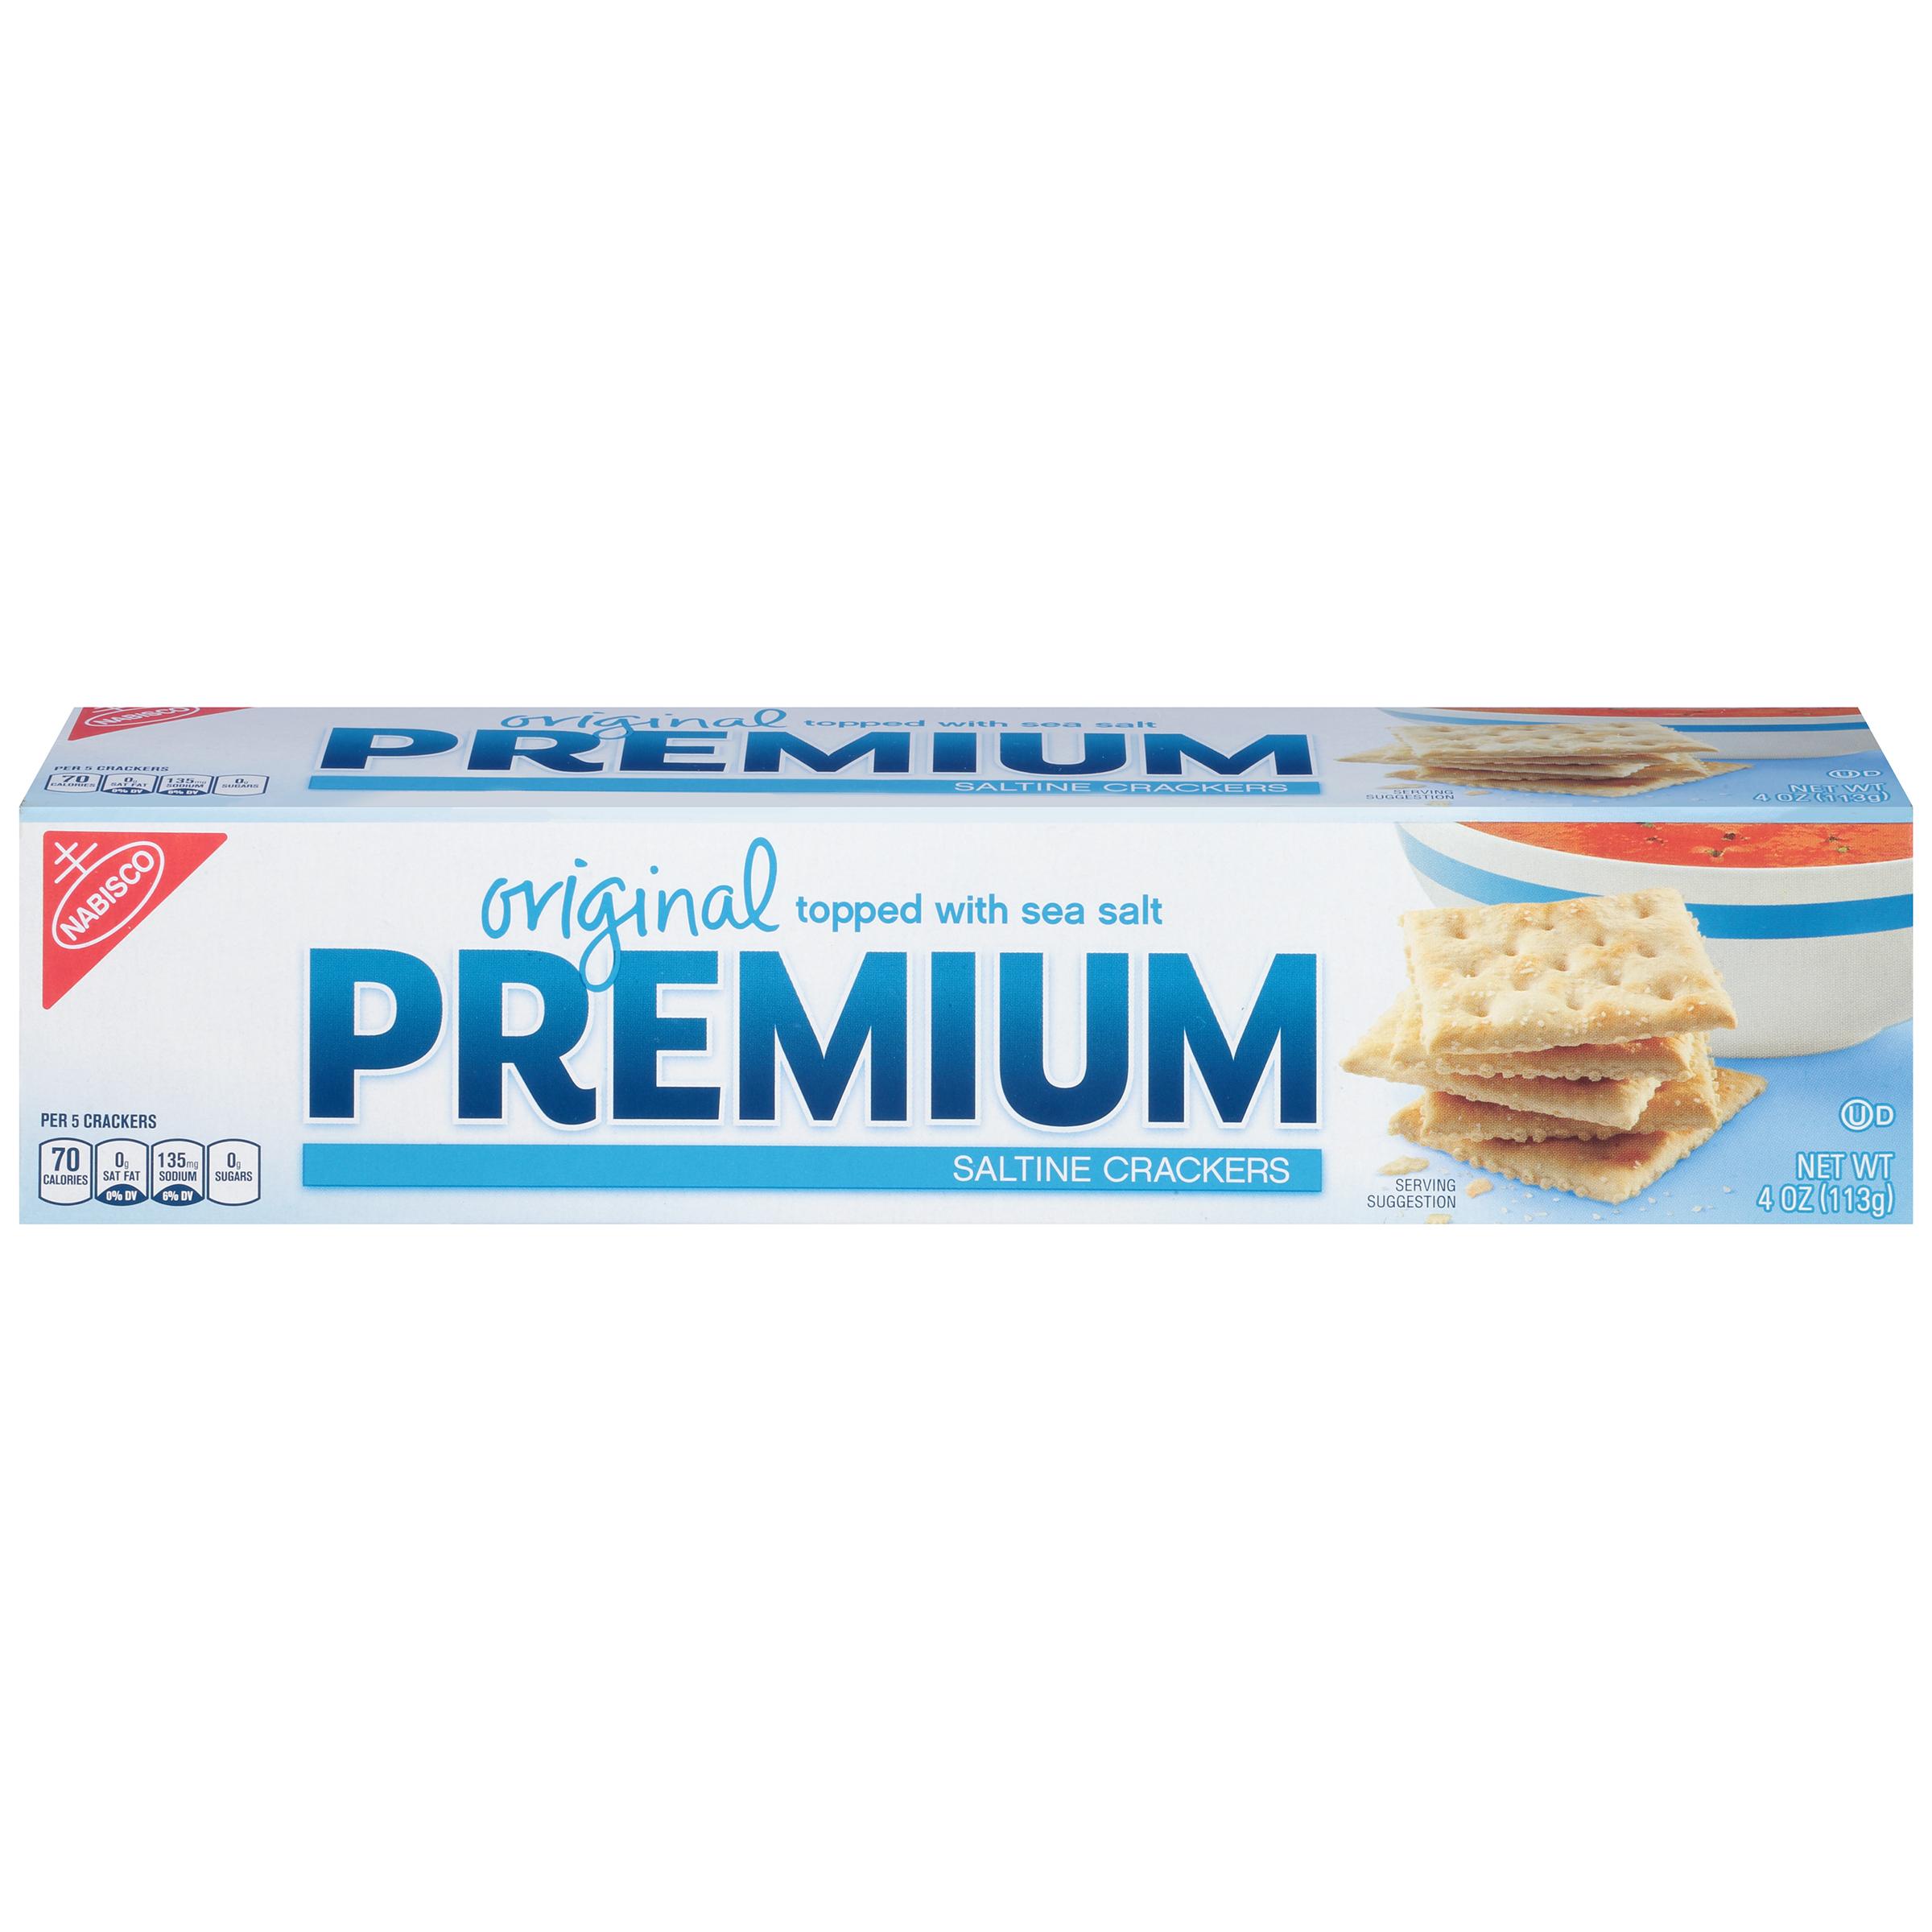 PREMIUM Supermix Crackers-Convenience Pack 4 oz